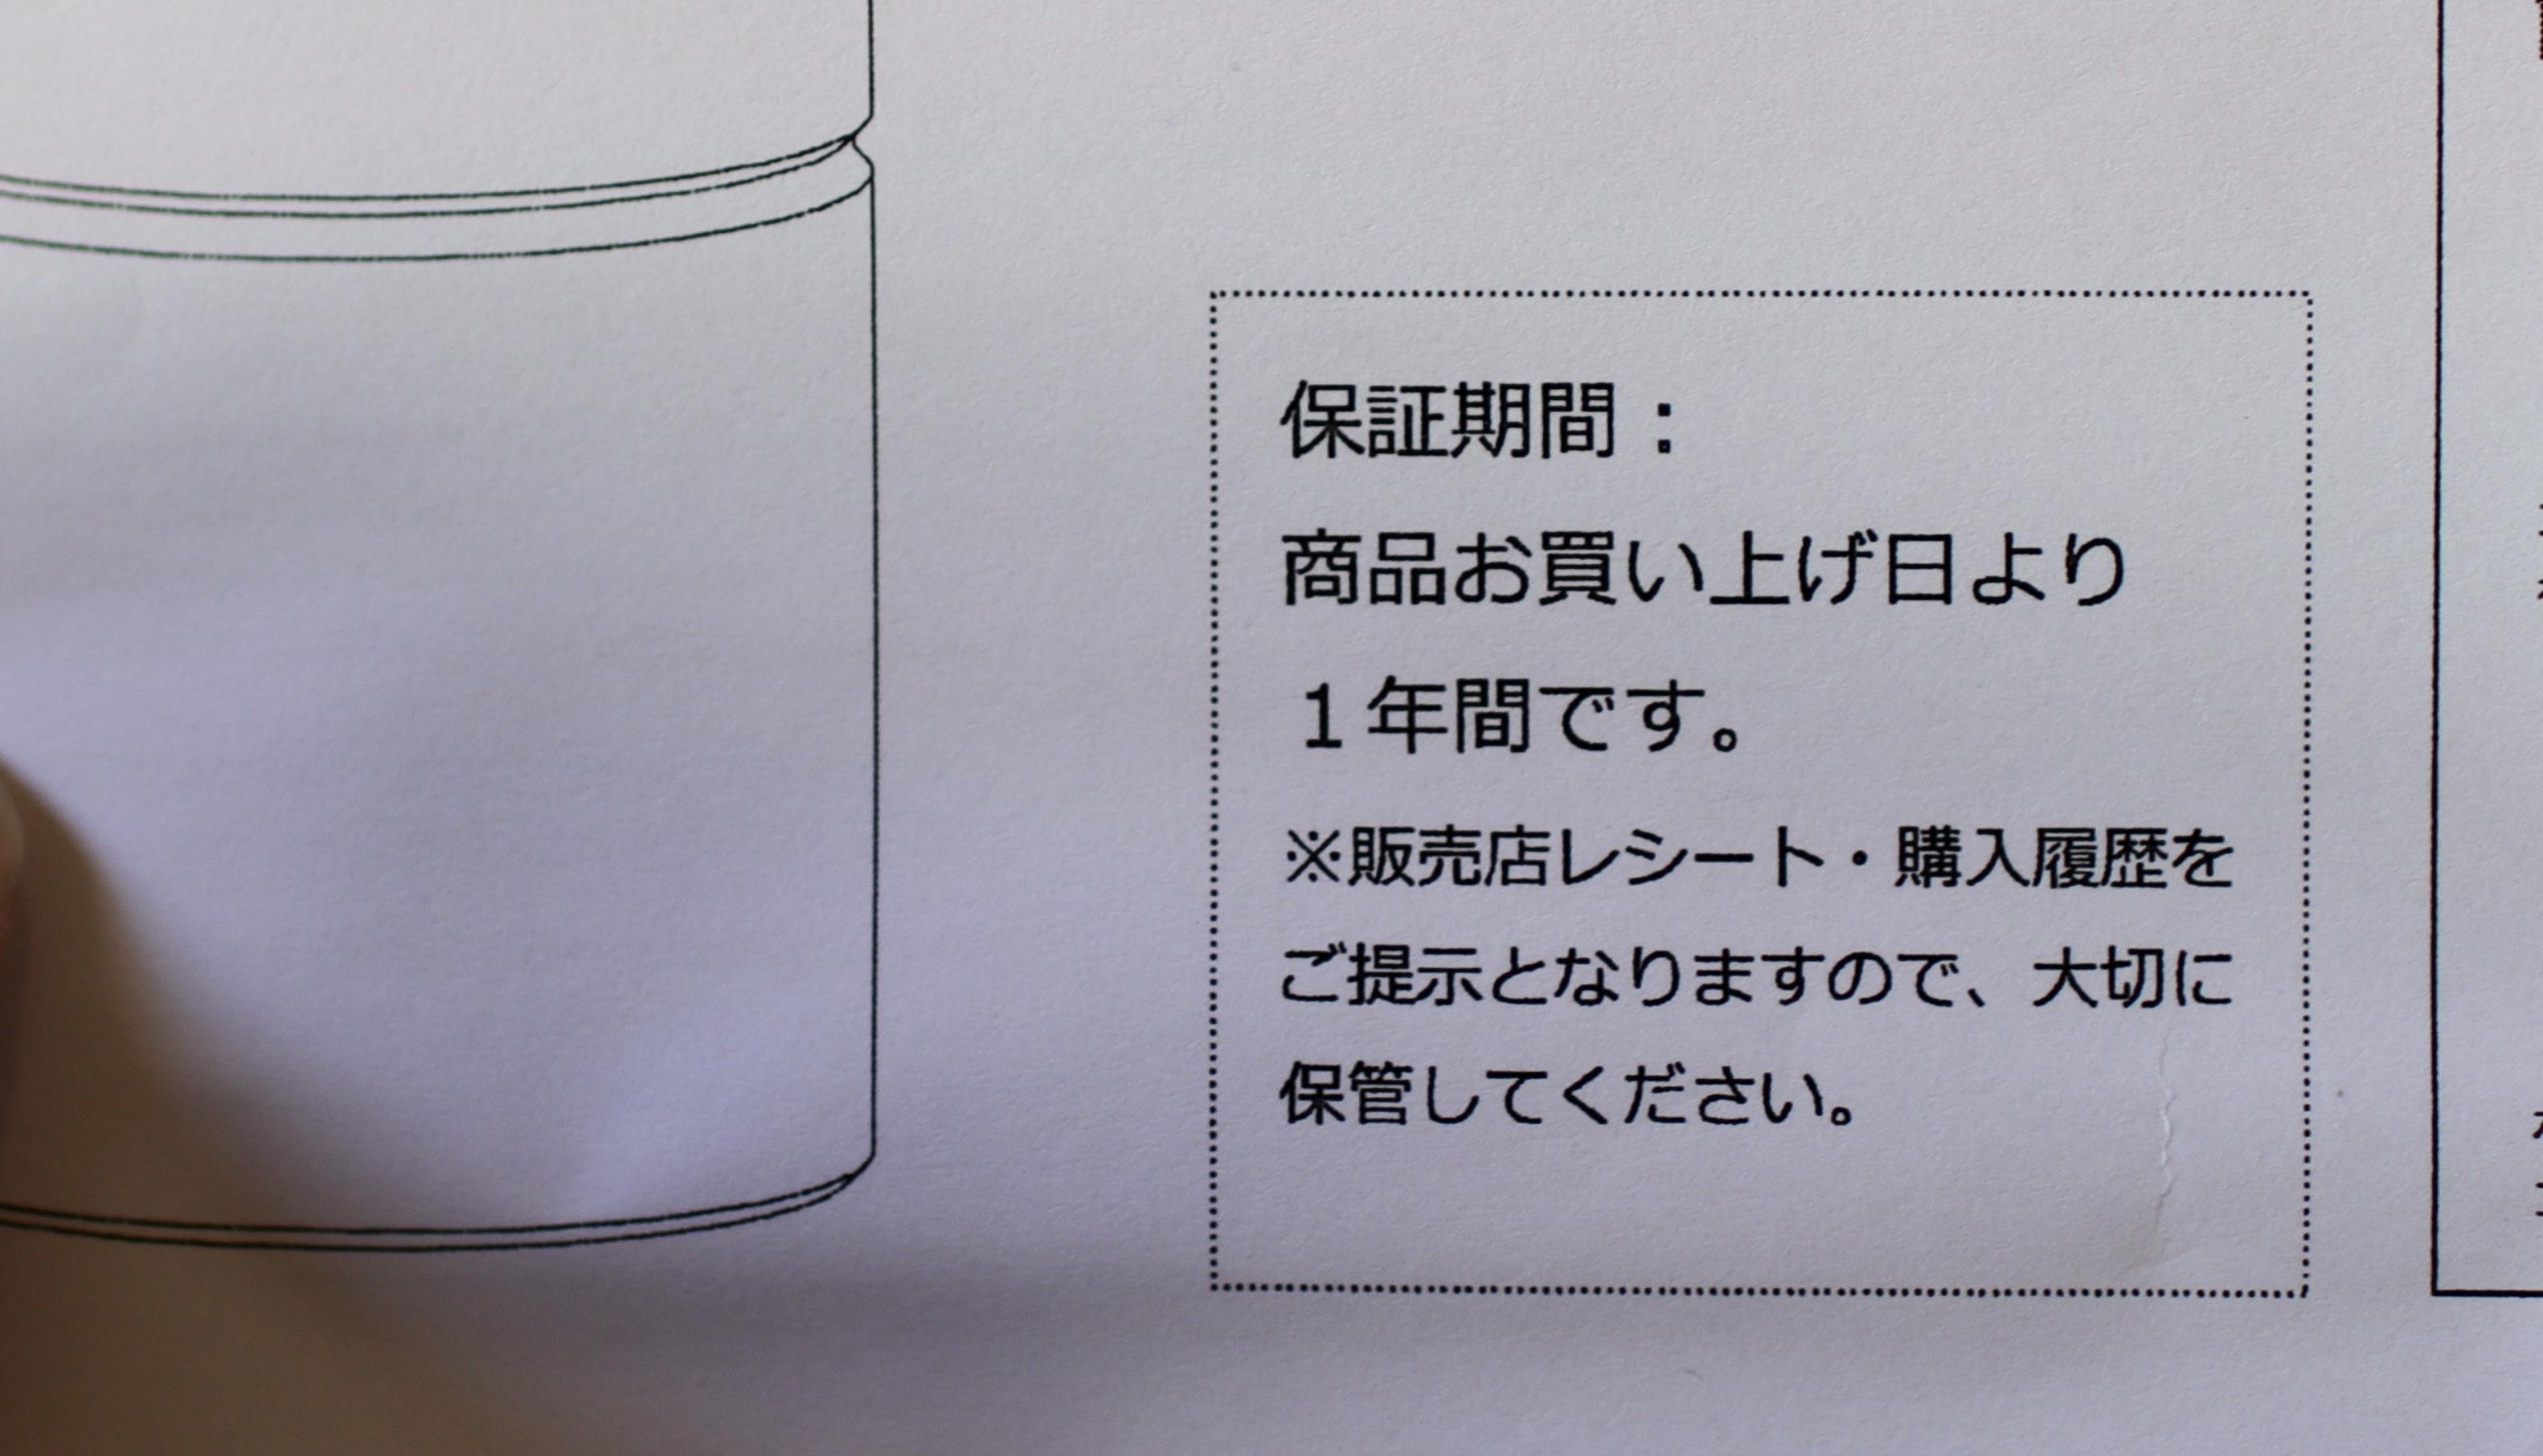 【5月28日入荷予定分】【限定色:赤】【正規輸入/1年保証付】タイムモア  C2 (手挽きミル)